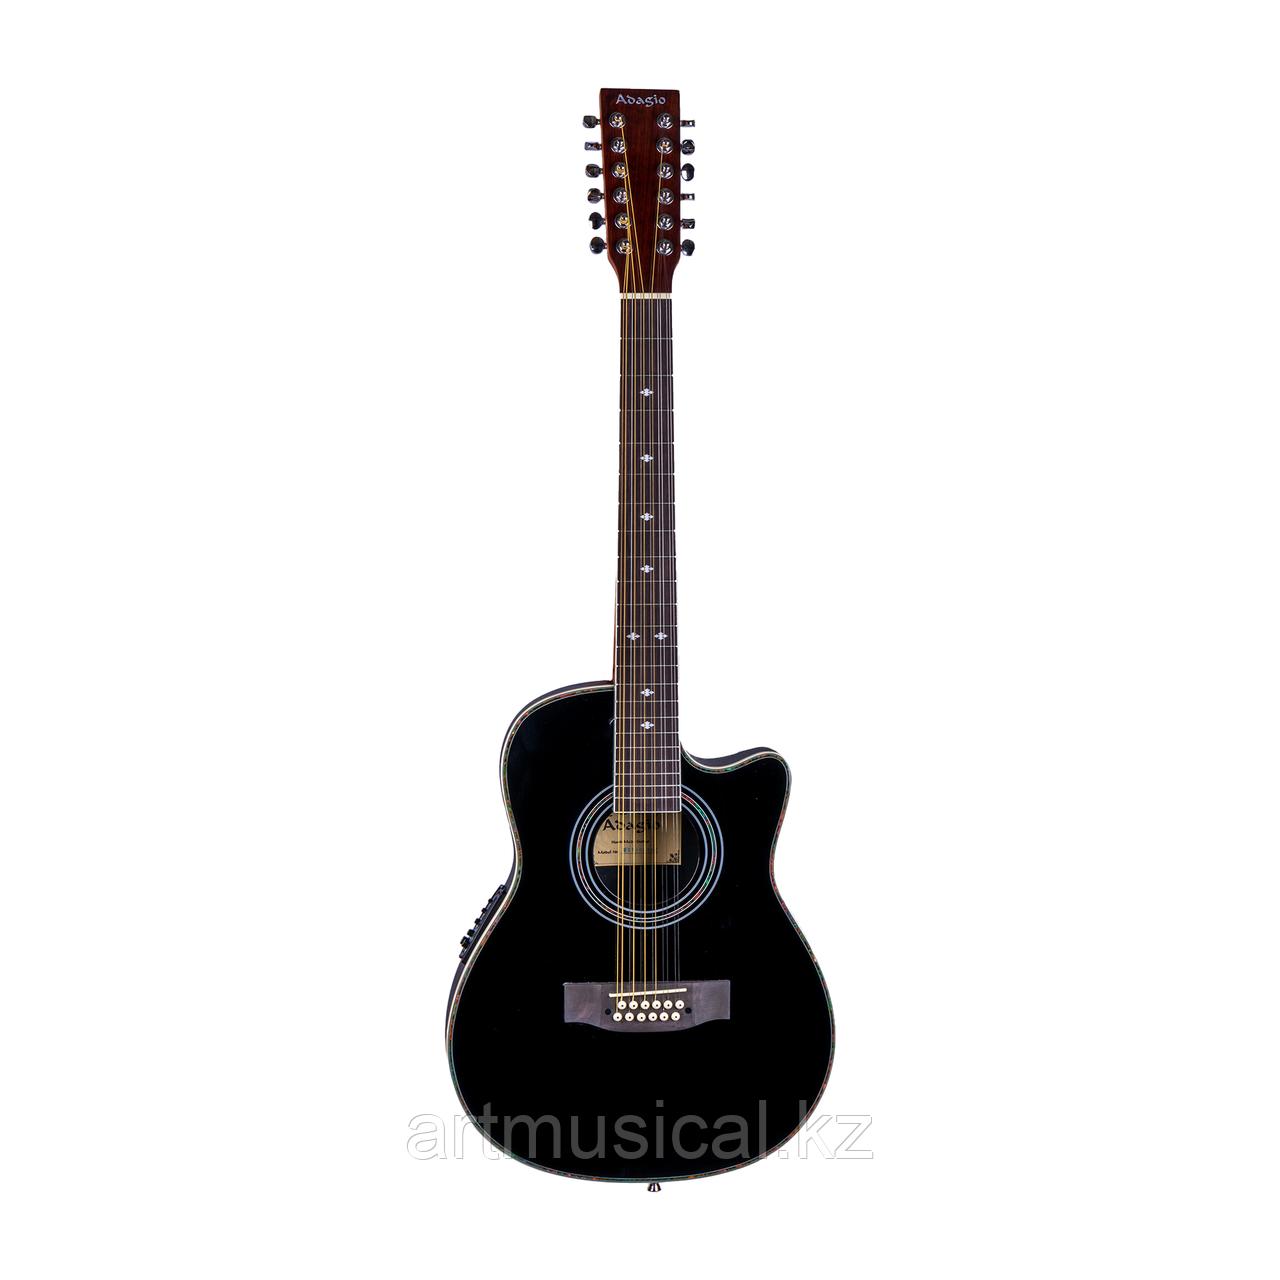 Электро-акустическая 12-струнная гитара Adagio (Avation)